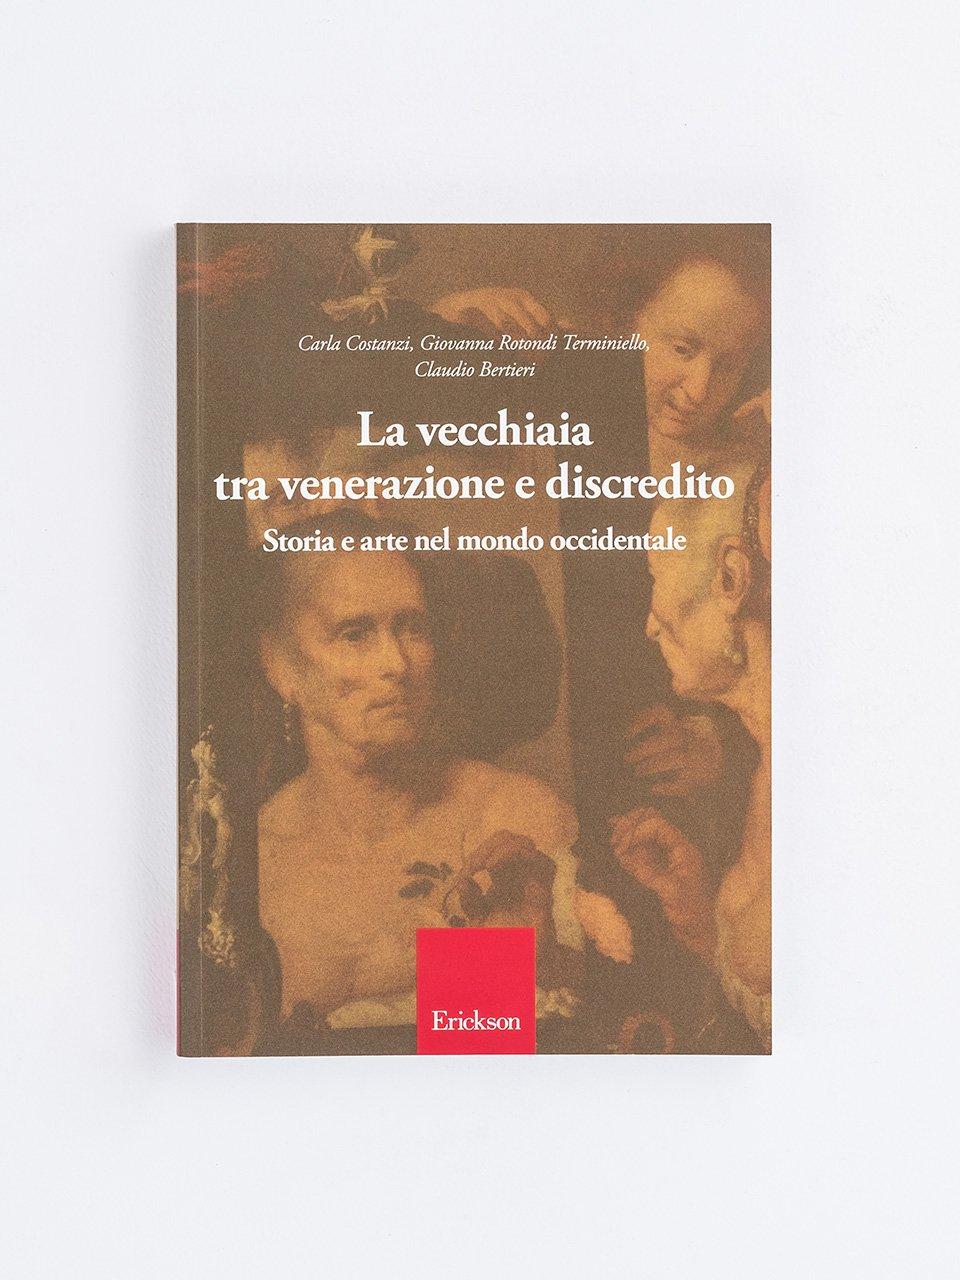 La vecchiaia tra venerazione e discredito - Una badante in famiglia - Libri - Erickson